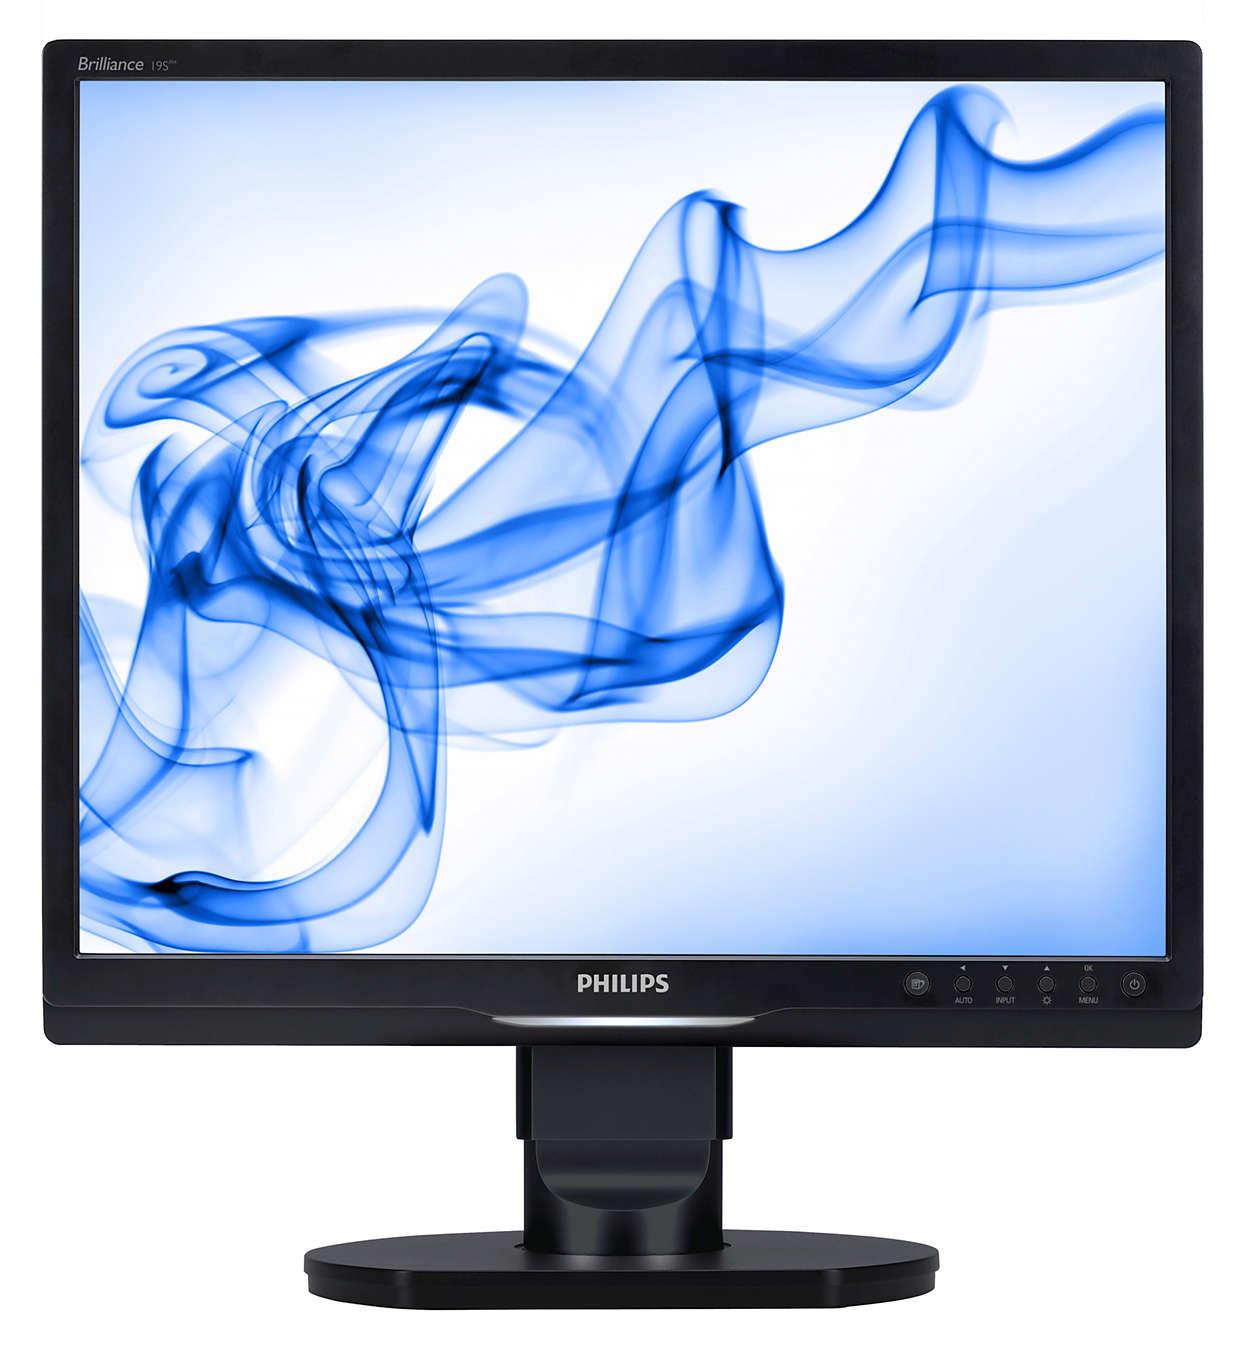 Ergonomisk skärm förbättrar produktiviteten